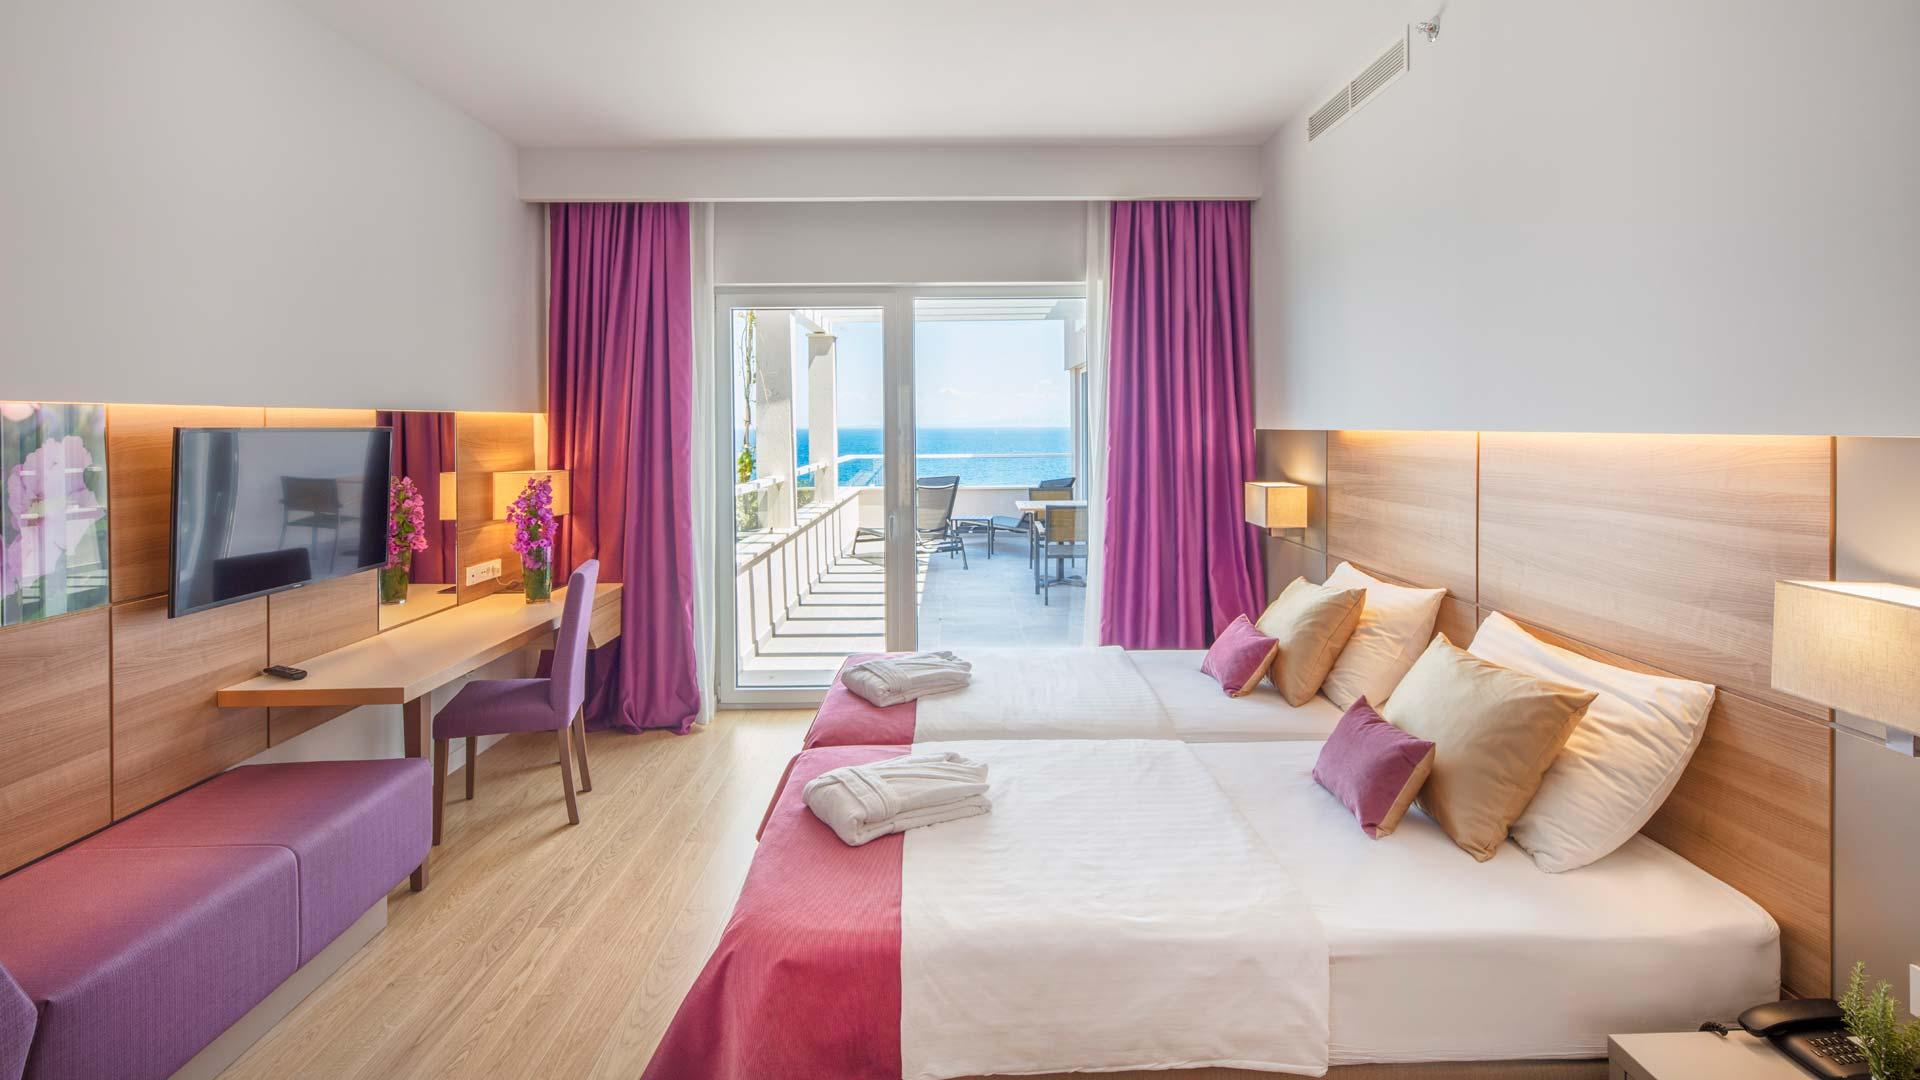 Fotografiranje hotelske sobe s terasom uz more